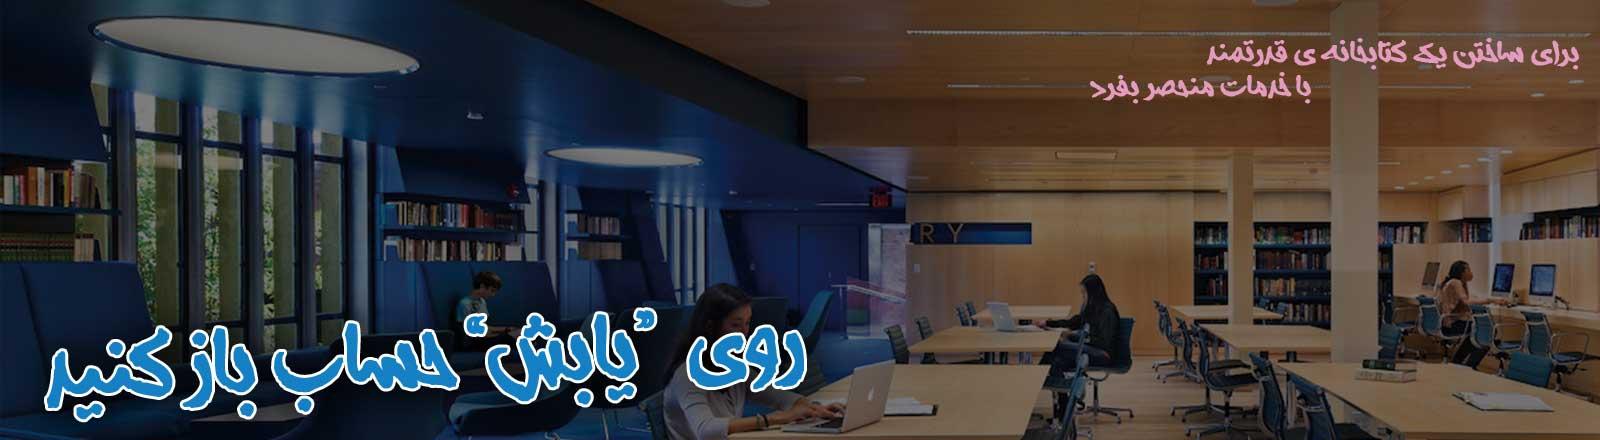 برای کتابخانه های تخصصی و دانشگاهی